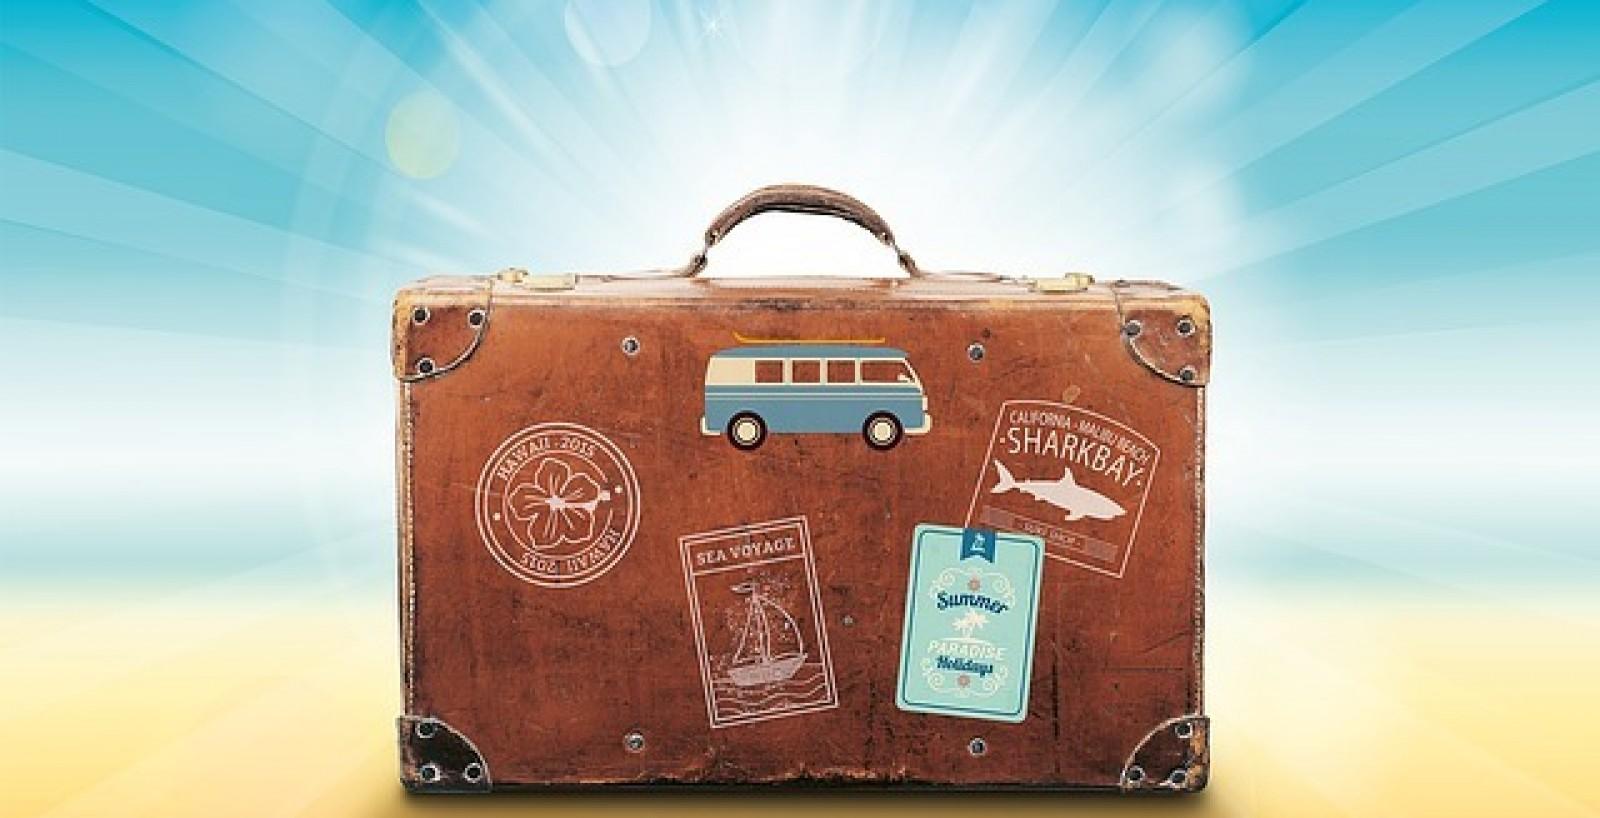 Preporuke za rad turističkih agencija tijekom epidemije koronavirusa